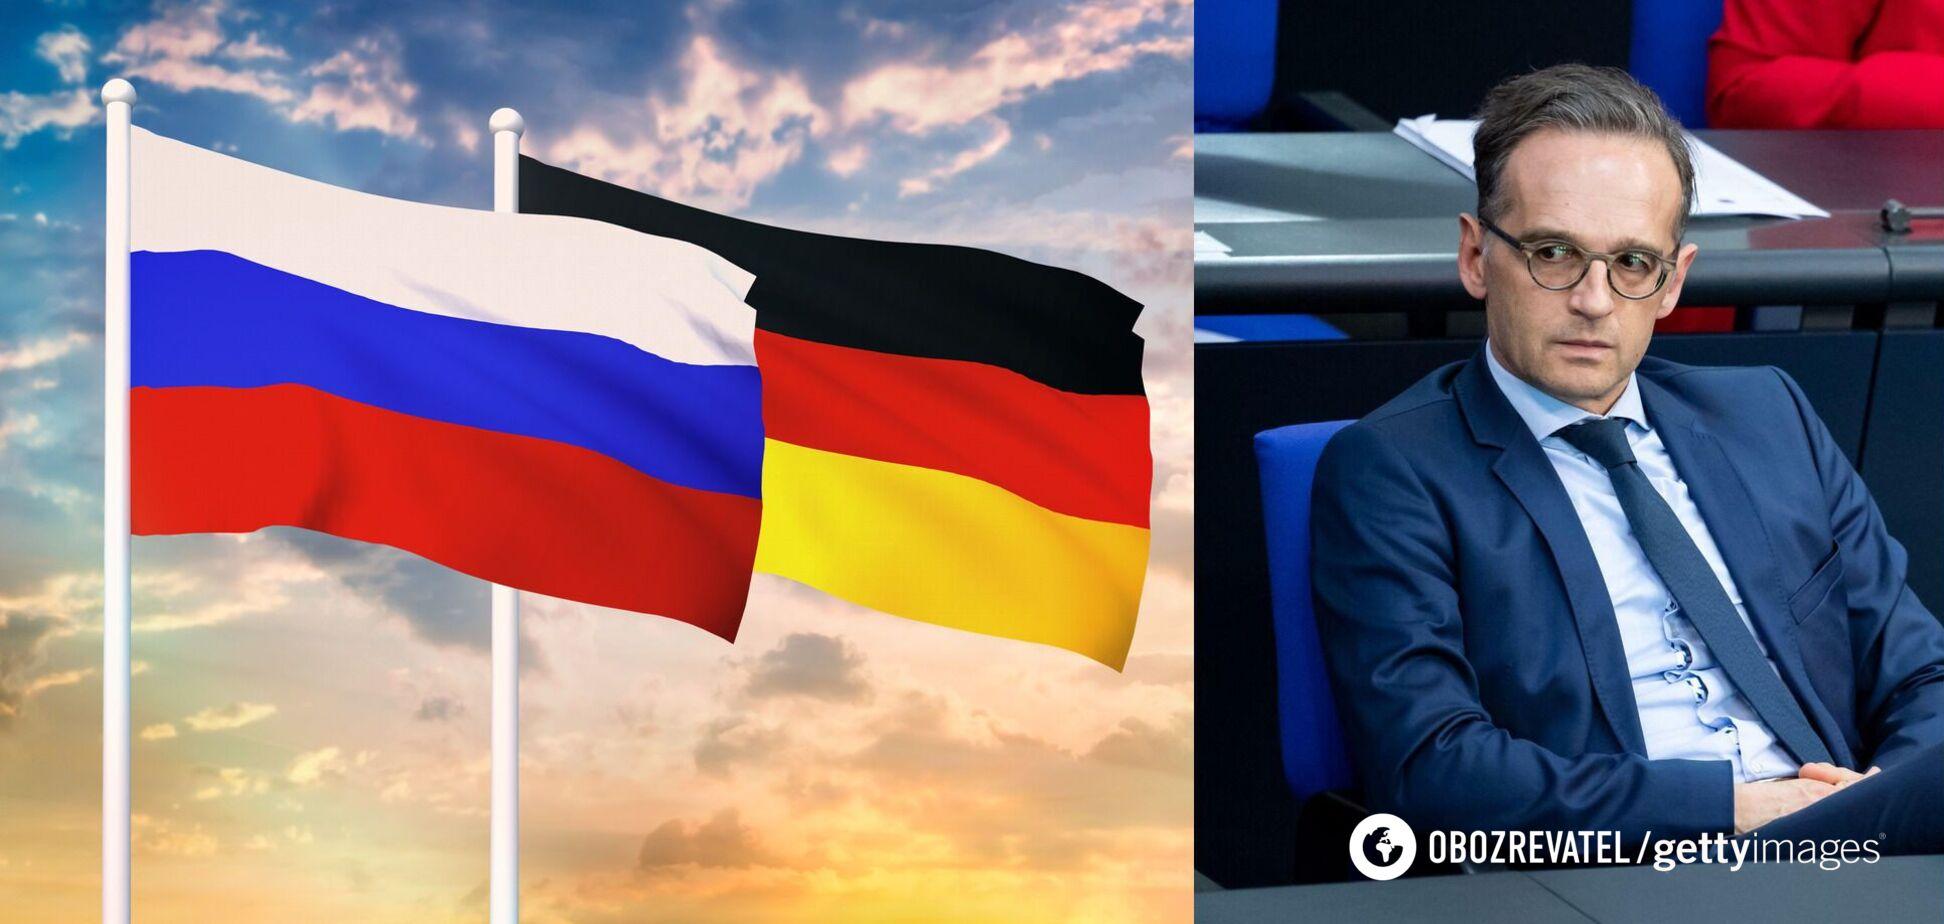 У Німеччині виступили проти посилення санкцій щодо Росії і за діалог із нею